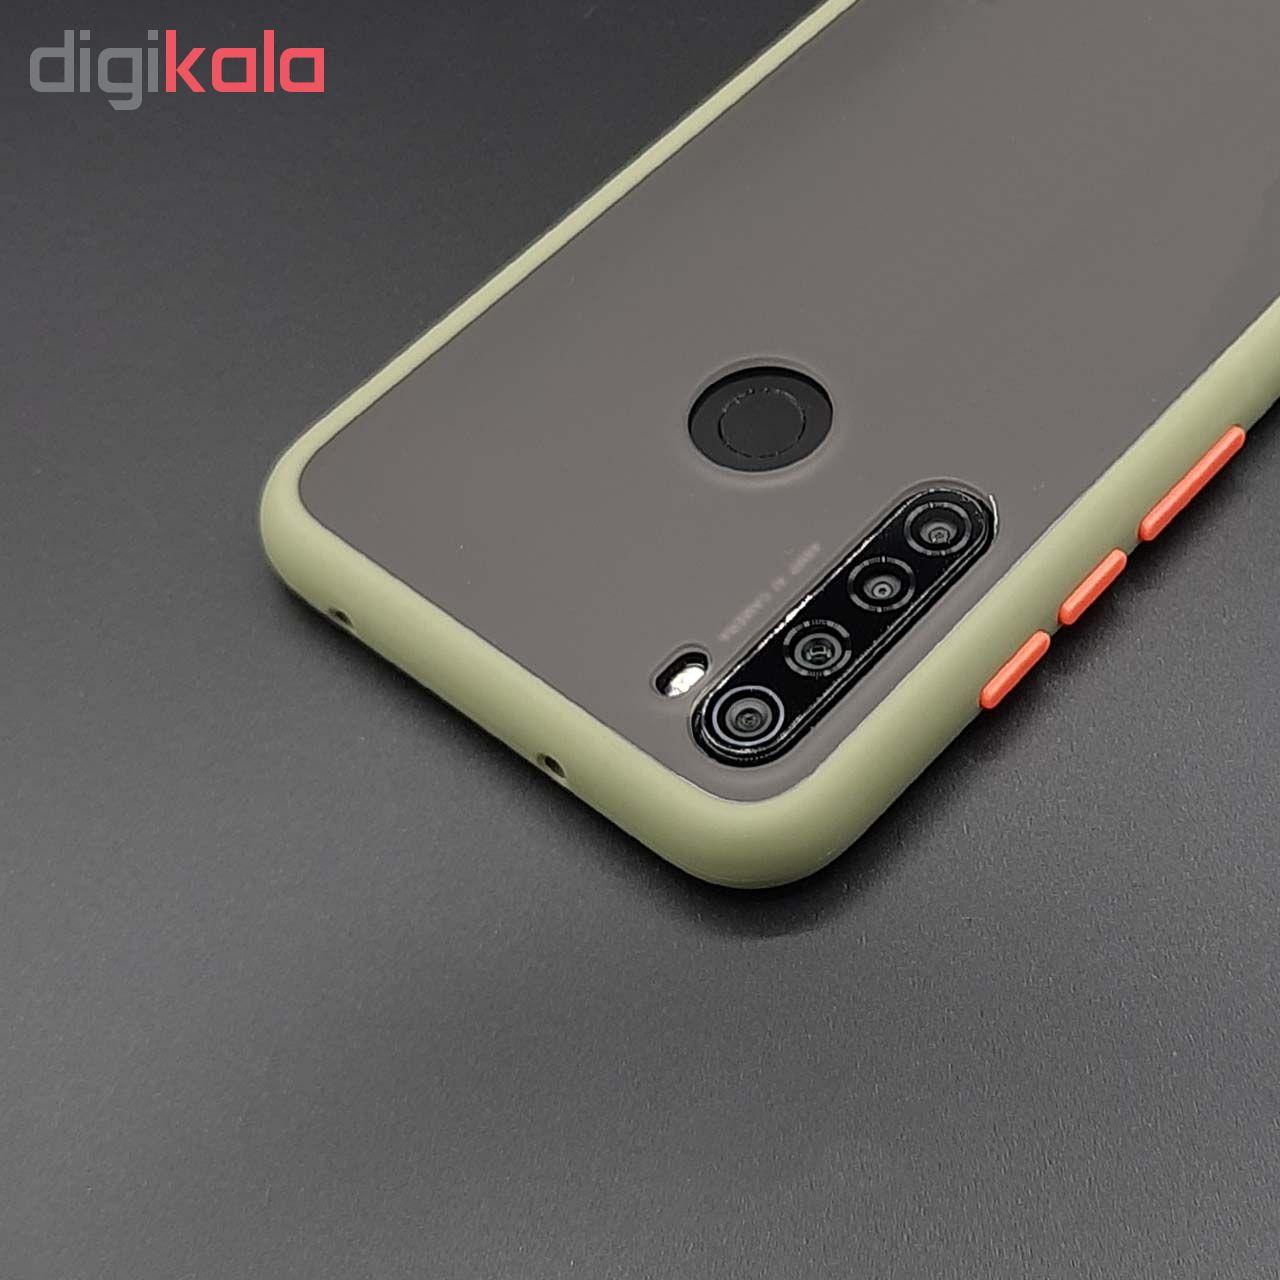 کاور کینگ پاور مدل M21 مناسب برای گوشی موبایل شیائومی Redmi Note 8 main 1 8